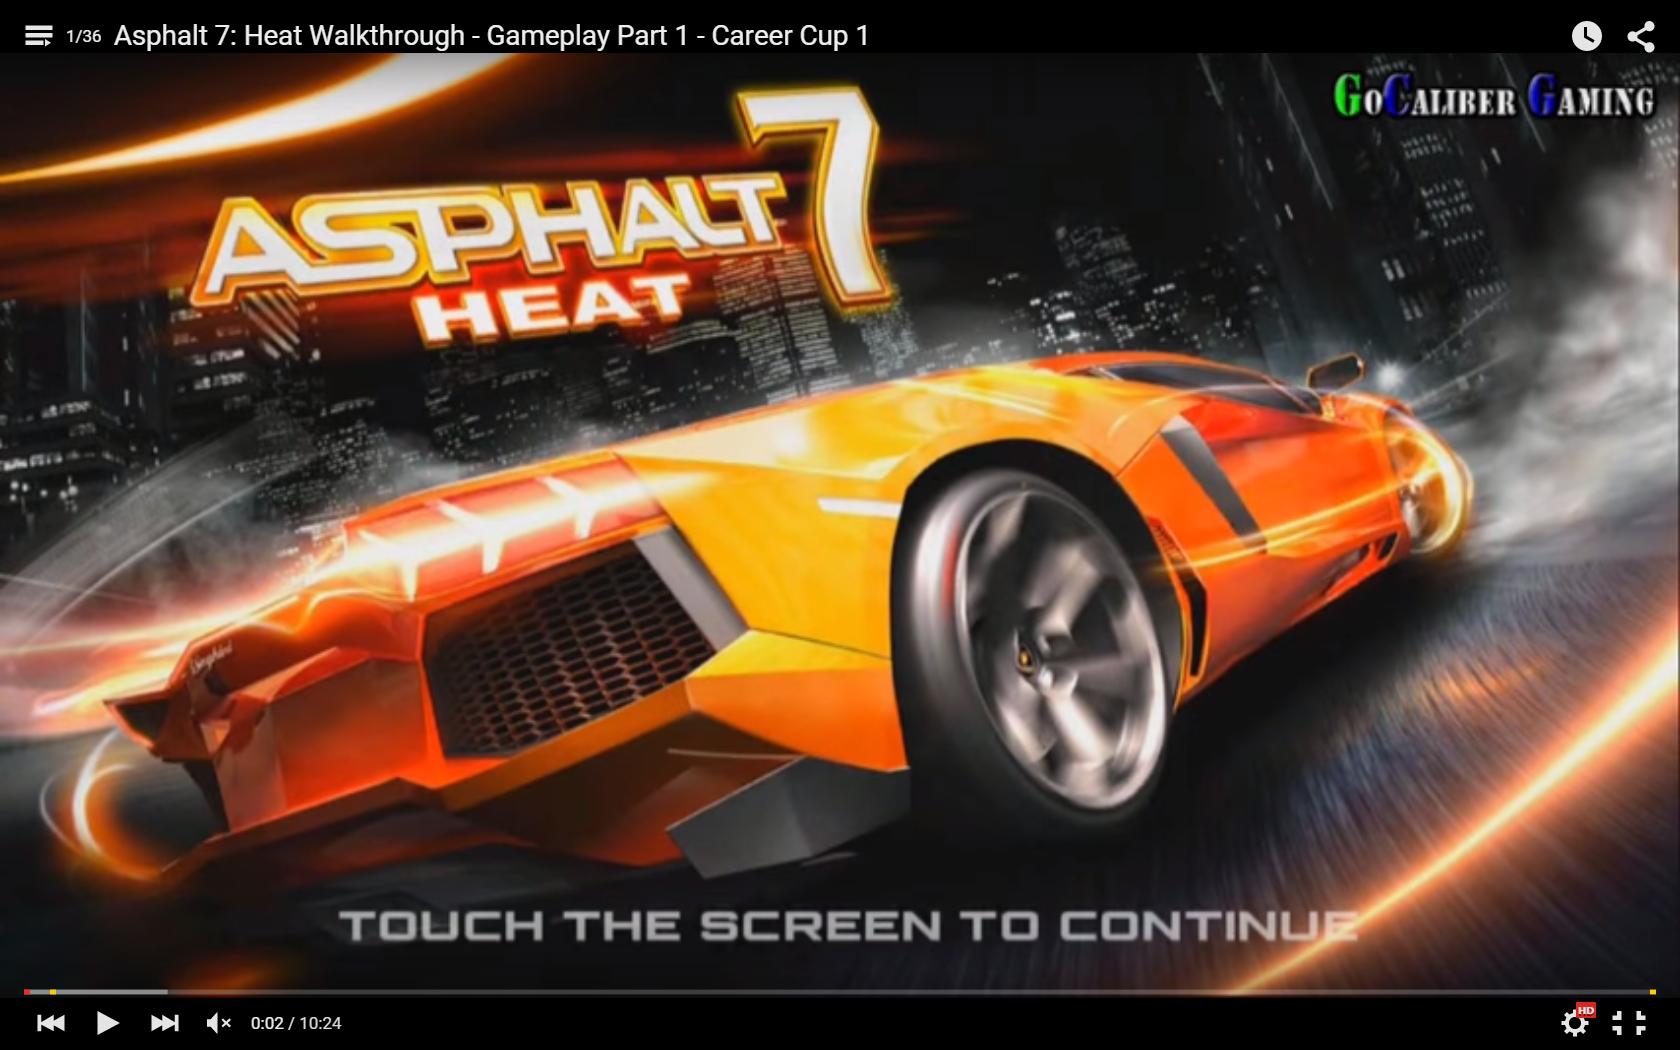 asphalt heat 8